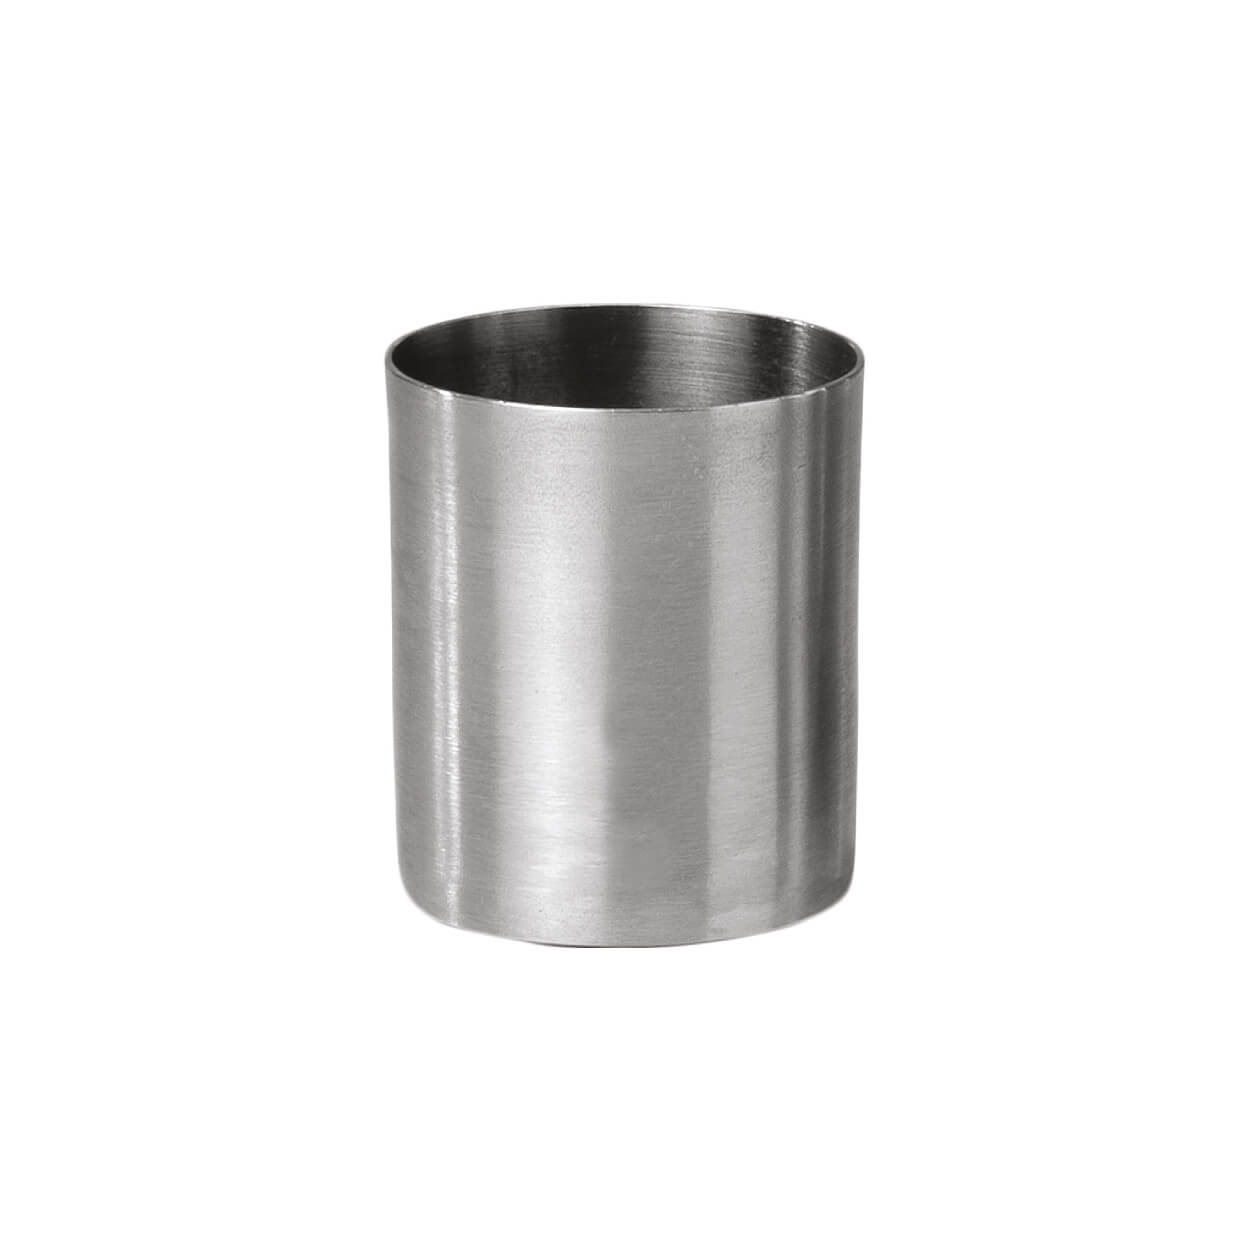 ΘΗΚΗ ΛΟΓΑΡΙΑΣΜΩΝ, INOX 3,8×4,6εκ